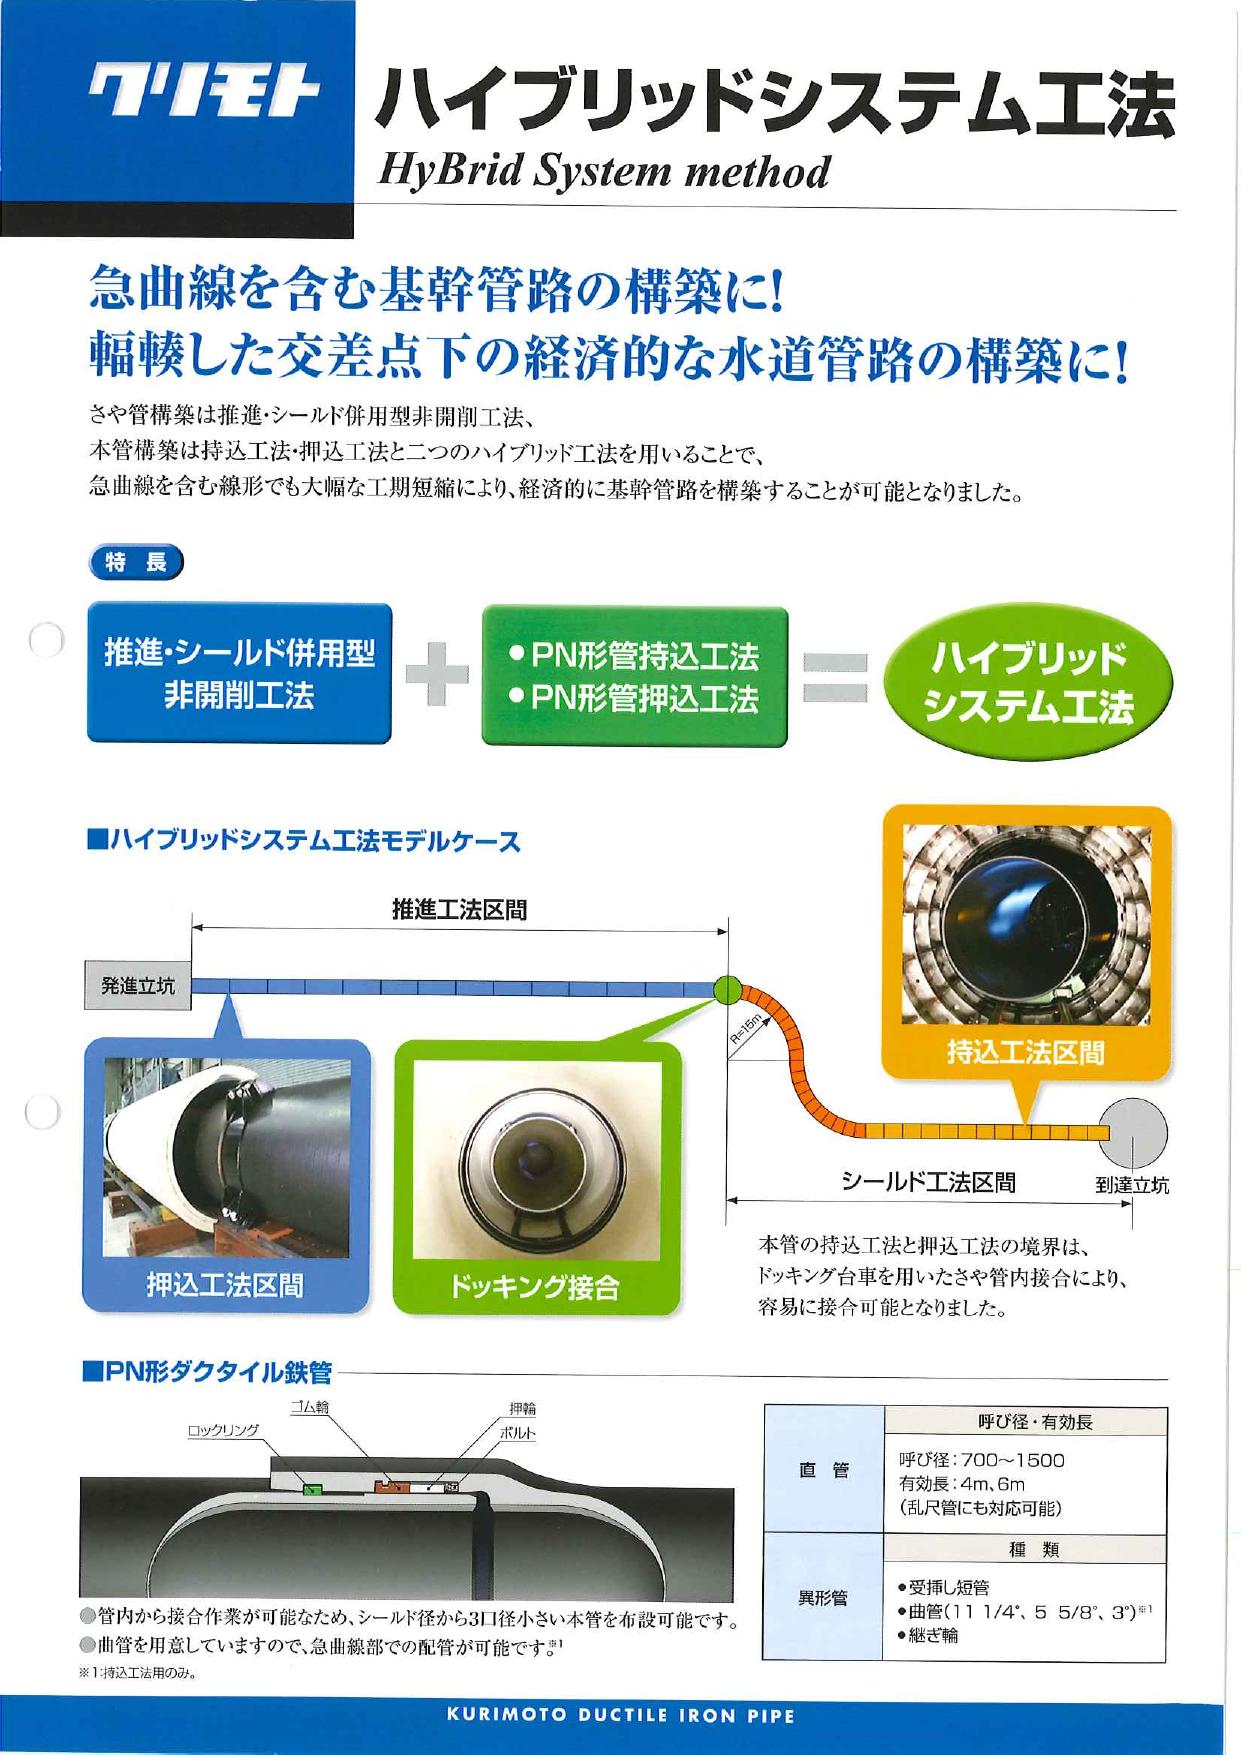 機関管路・水道管路の構築 ハイブリッドシステム工法